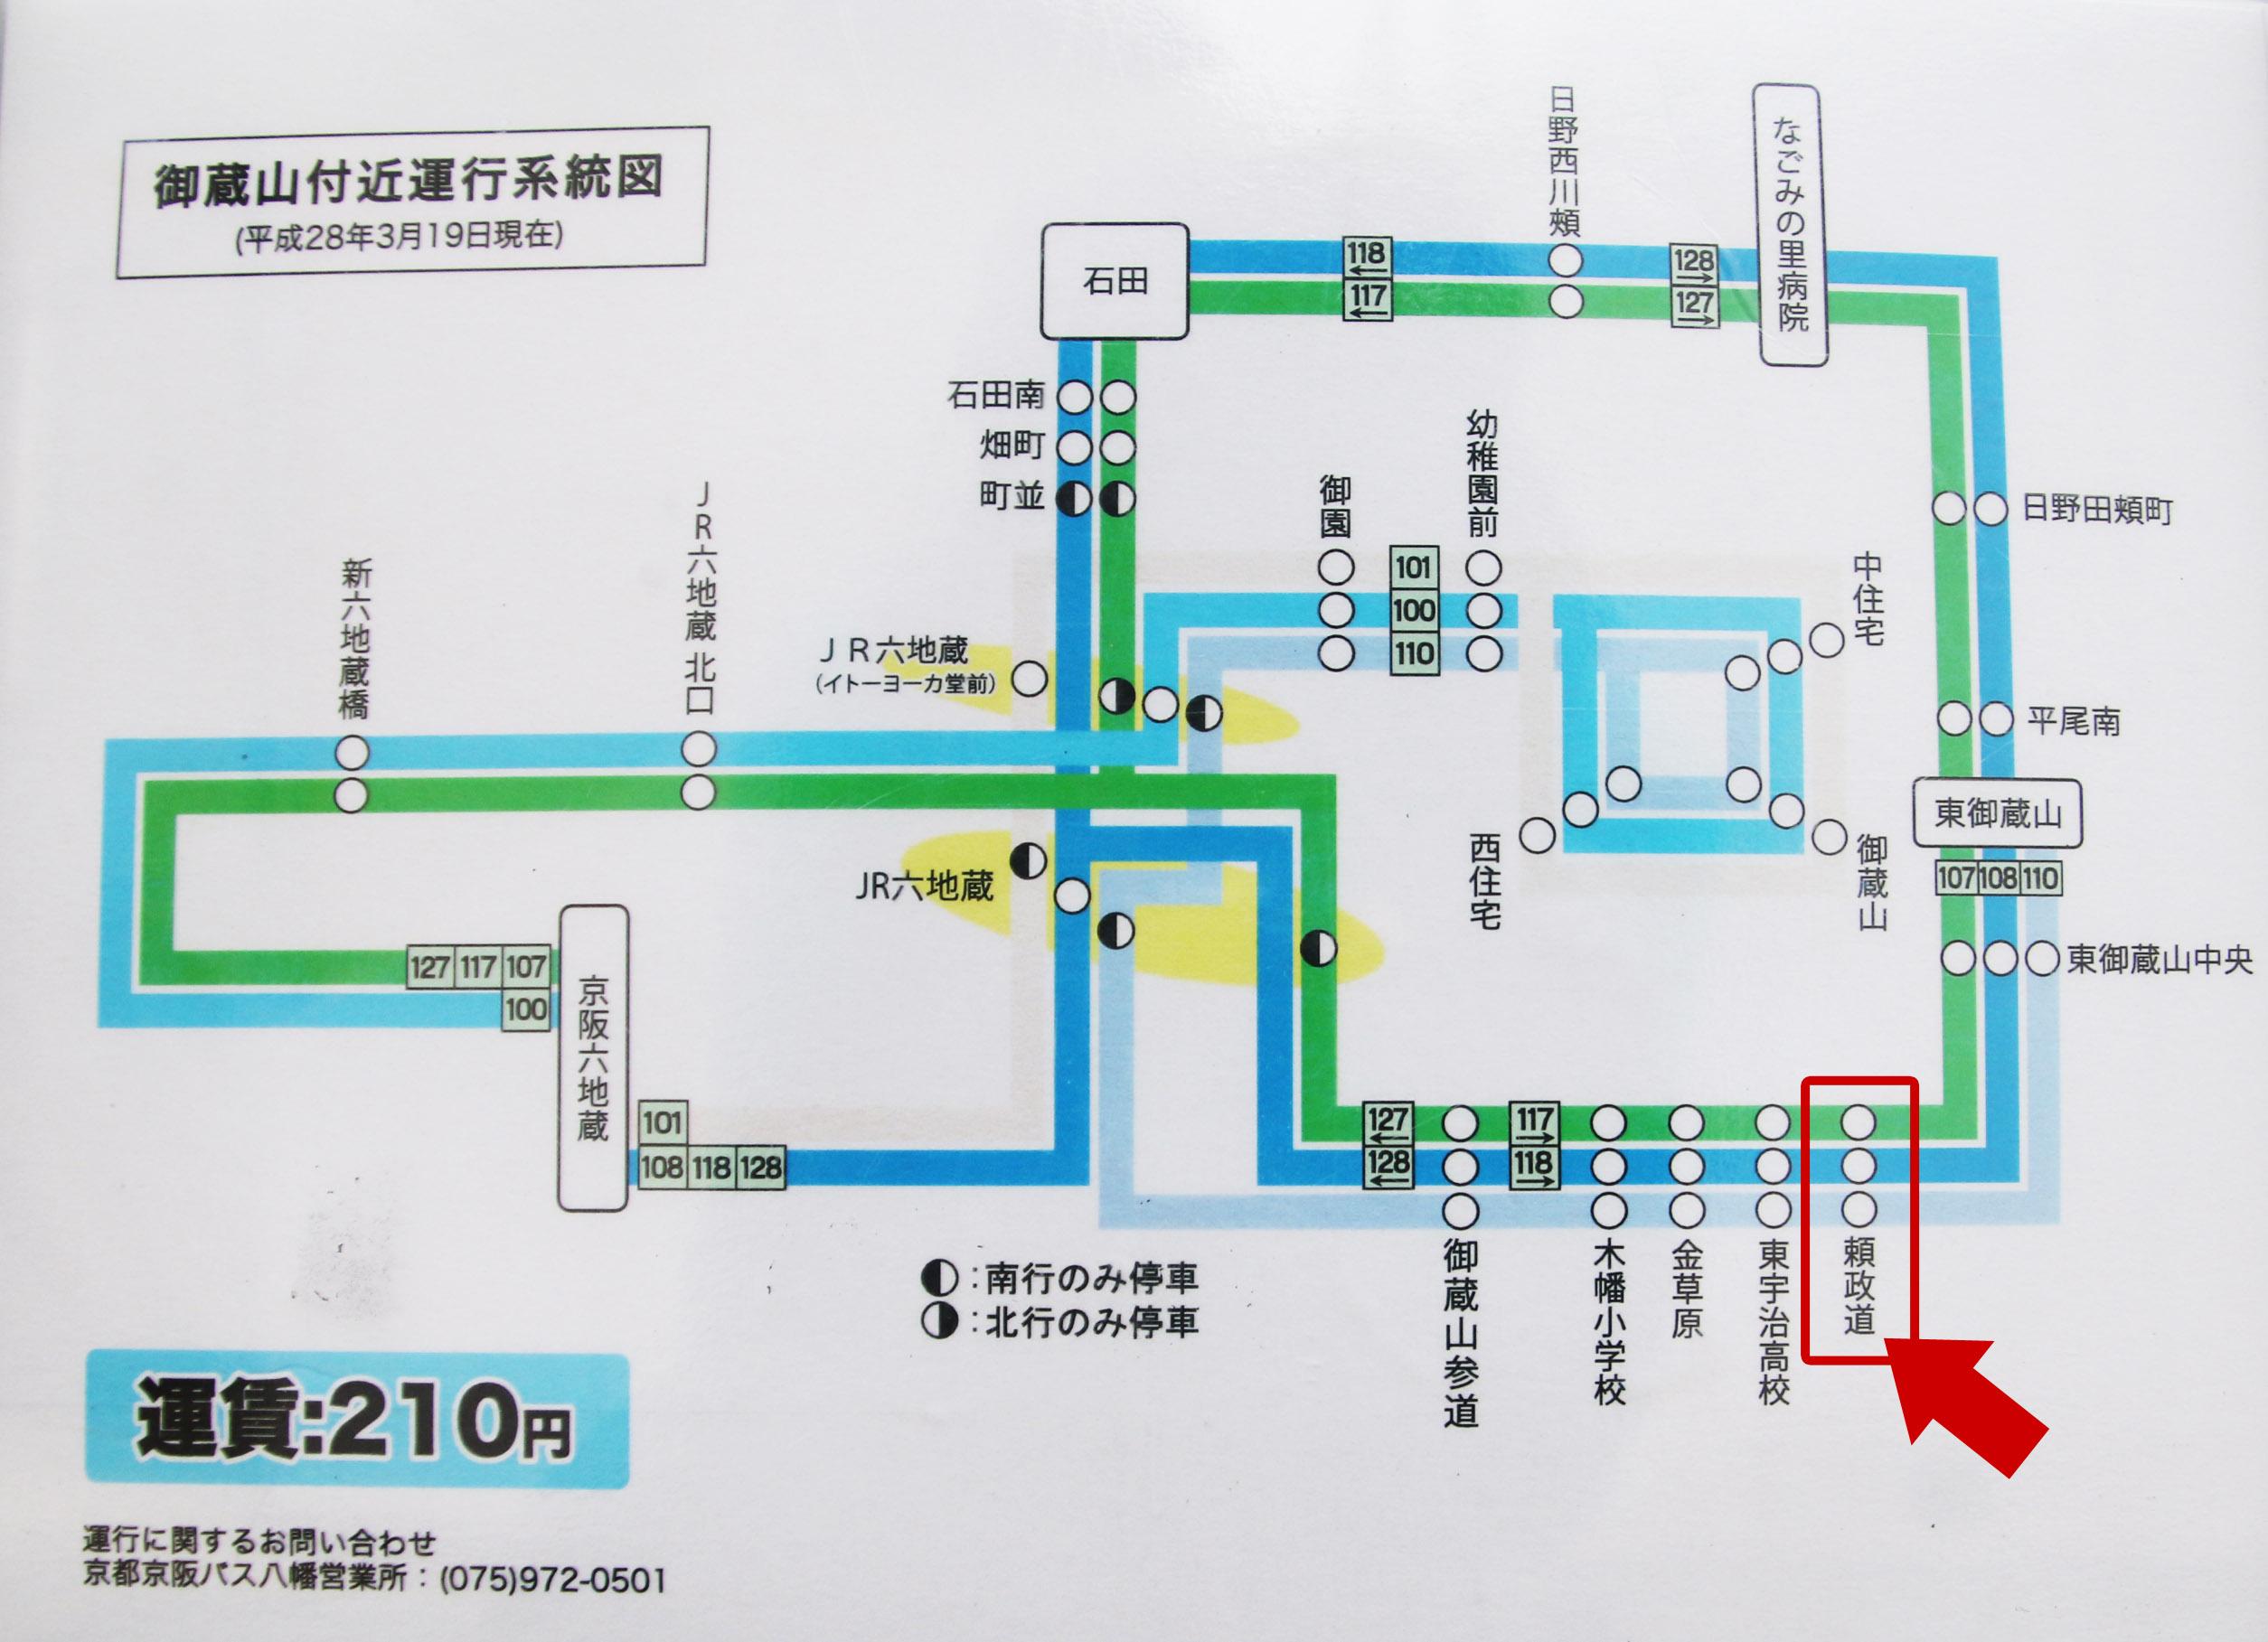 バスの経路